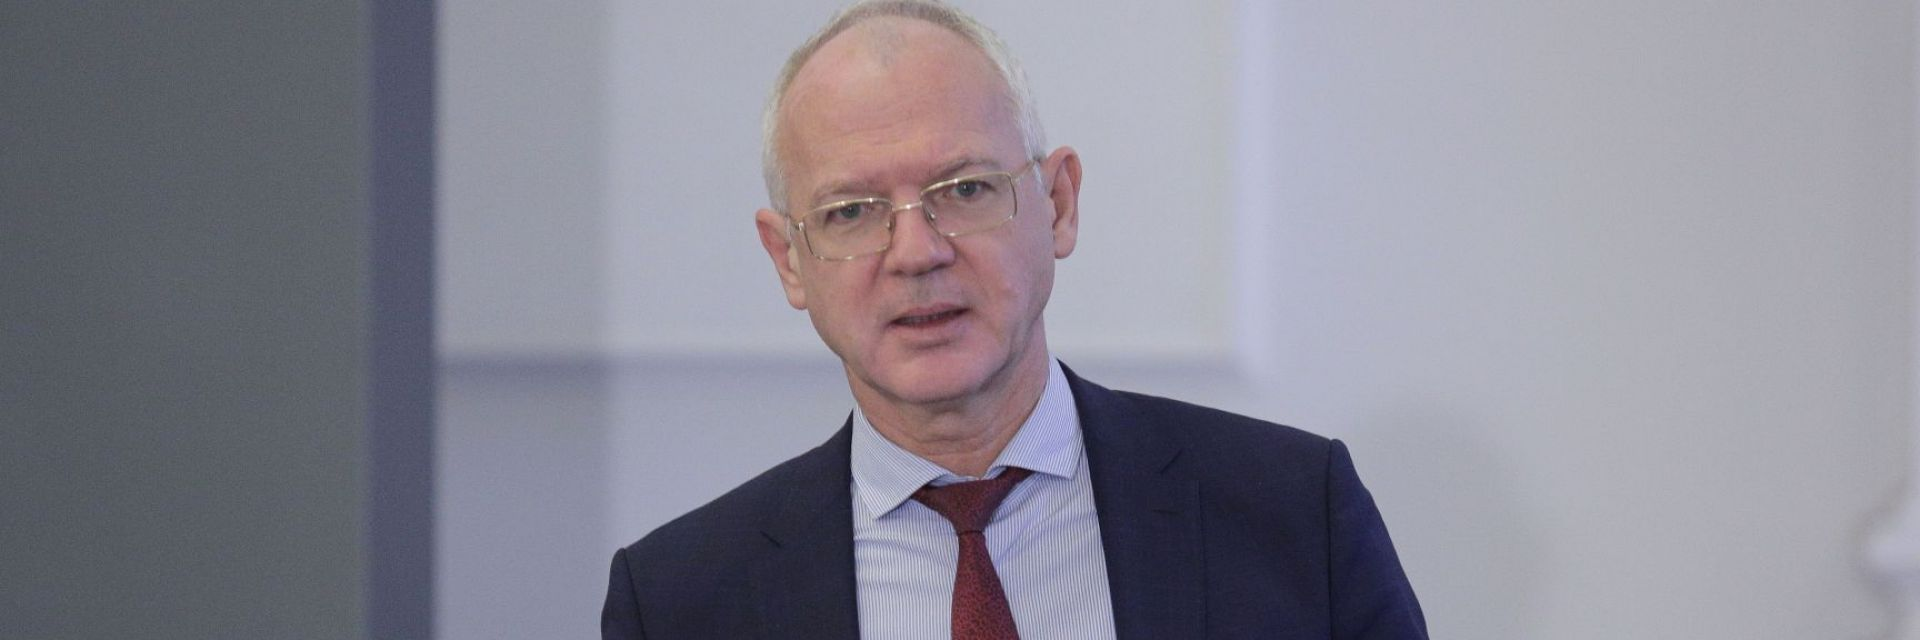 Васил Велев: Пълно възстановяване ще има чак през 2022 г.